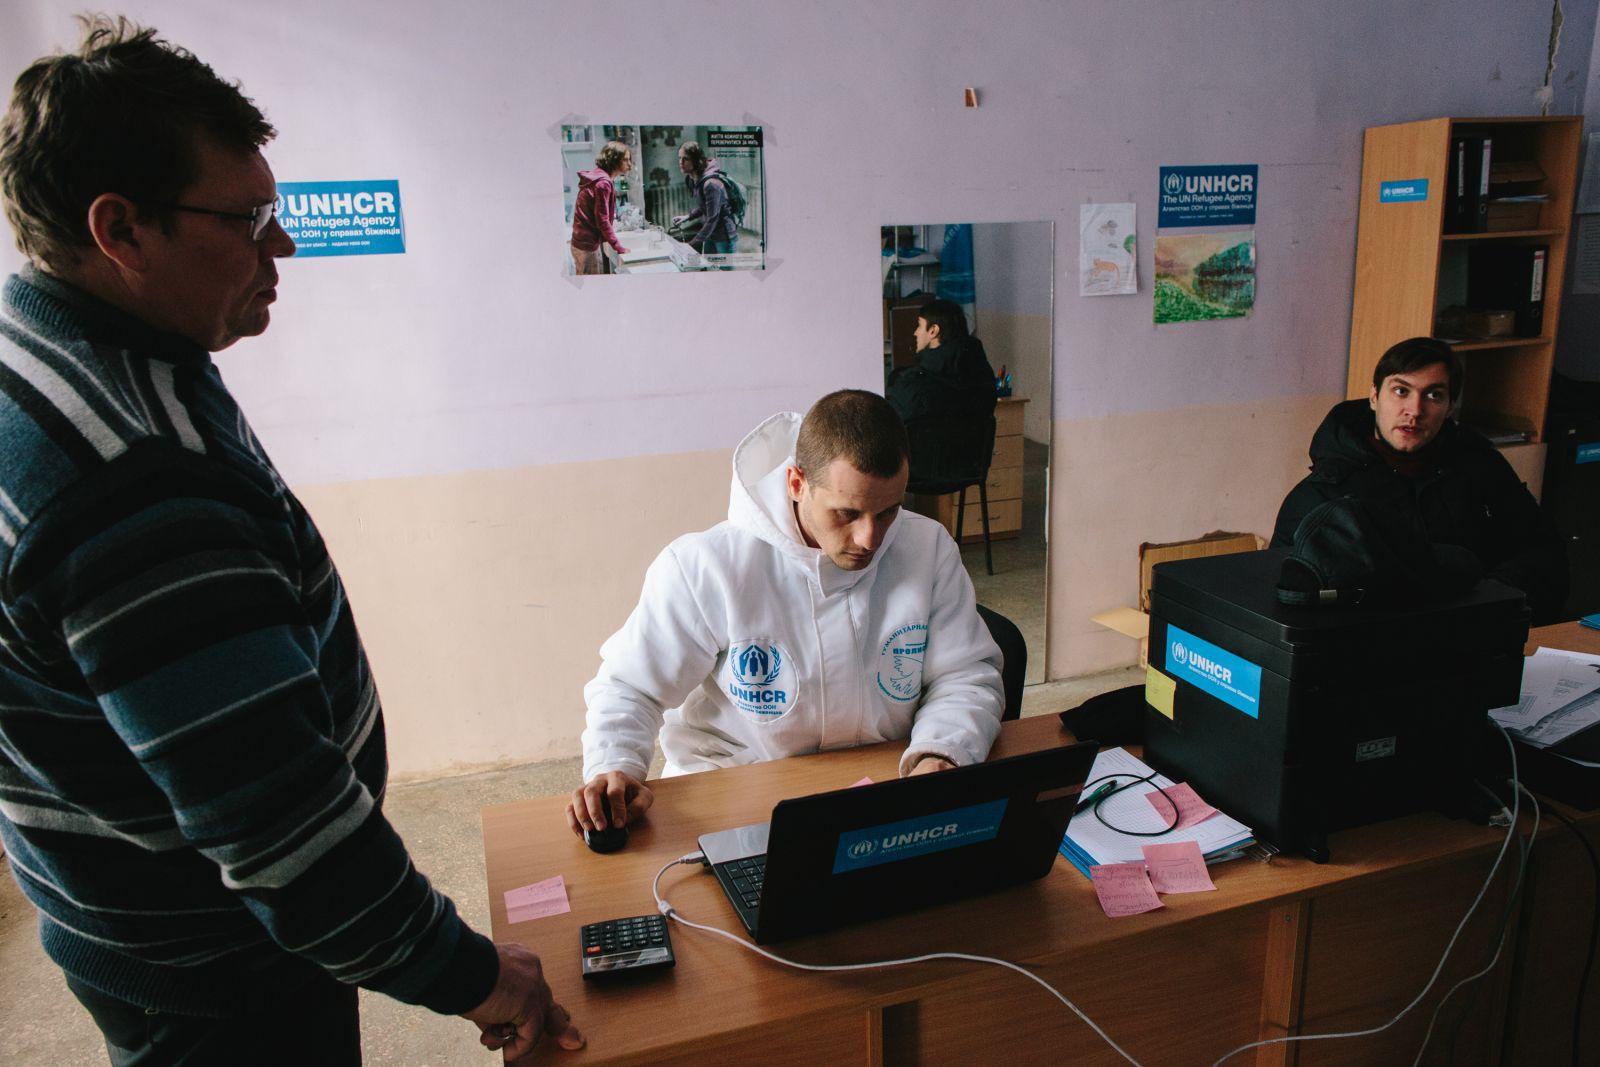 Волонтёры оказывают гуманитарную помощь и консультируют по социальным и правовым вопросам